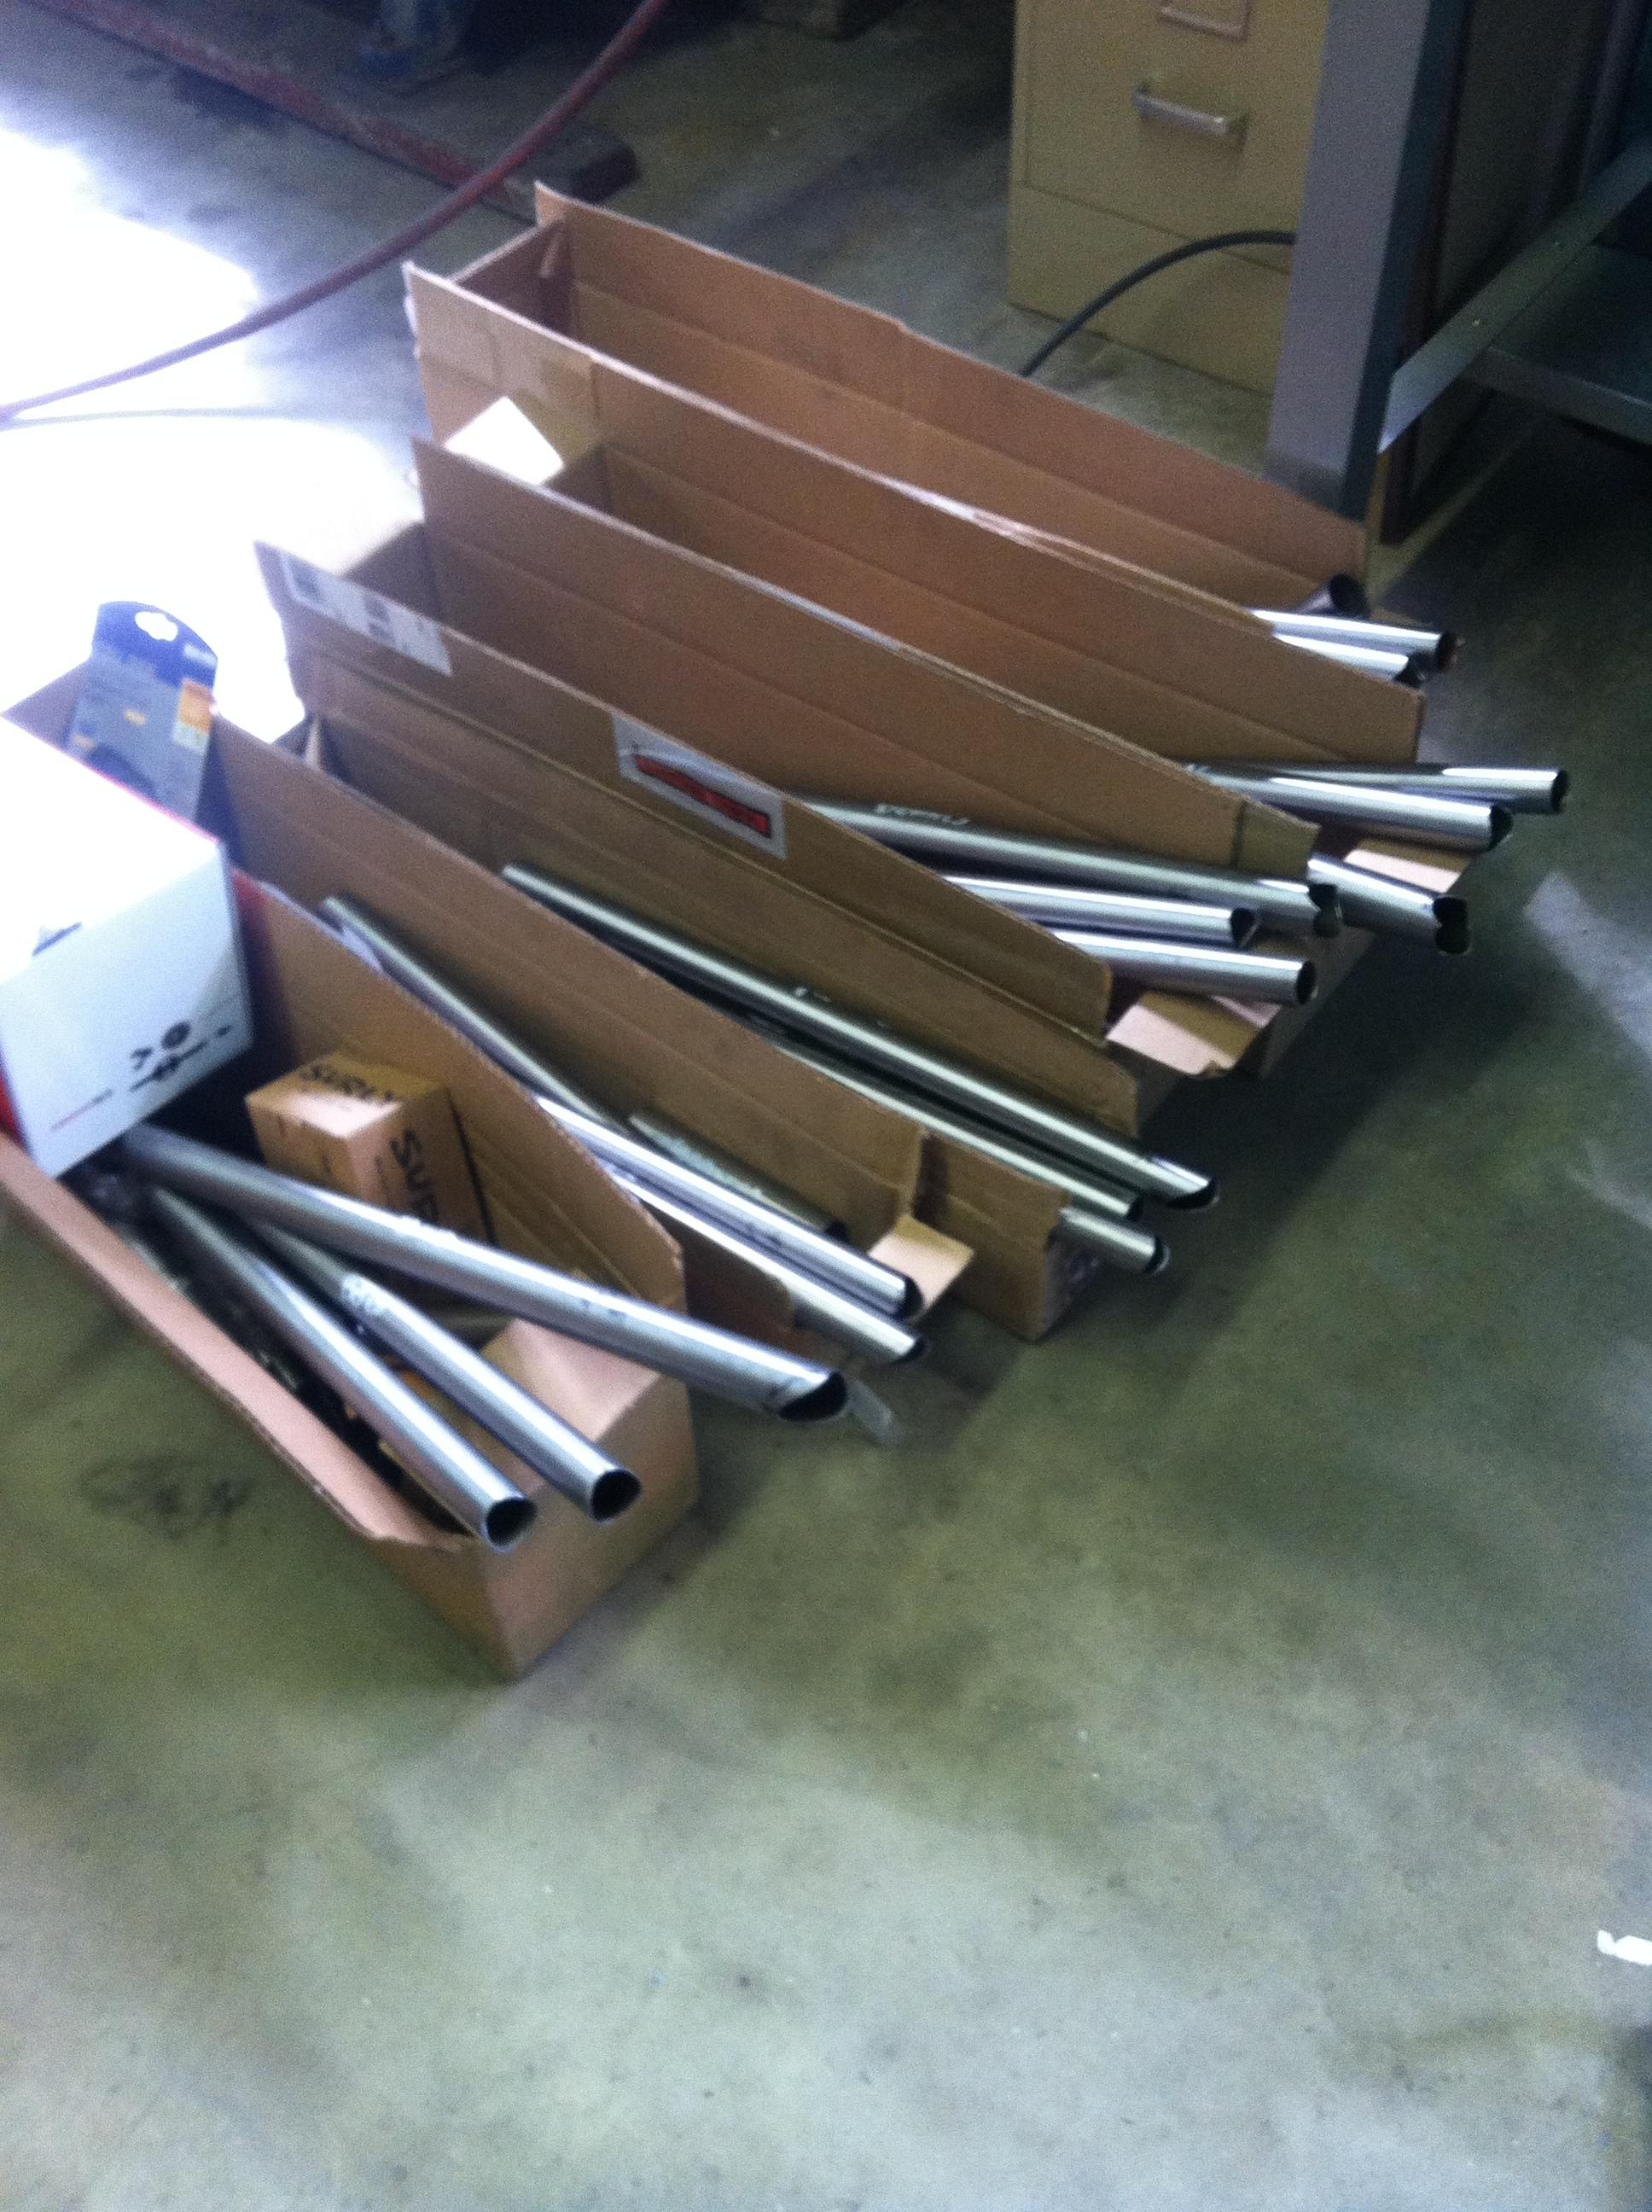 Six tubesets